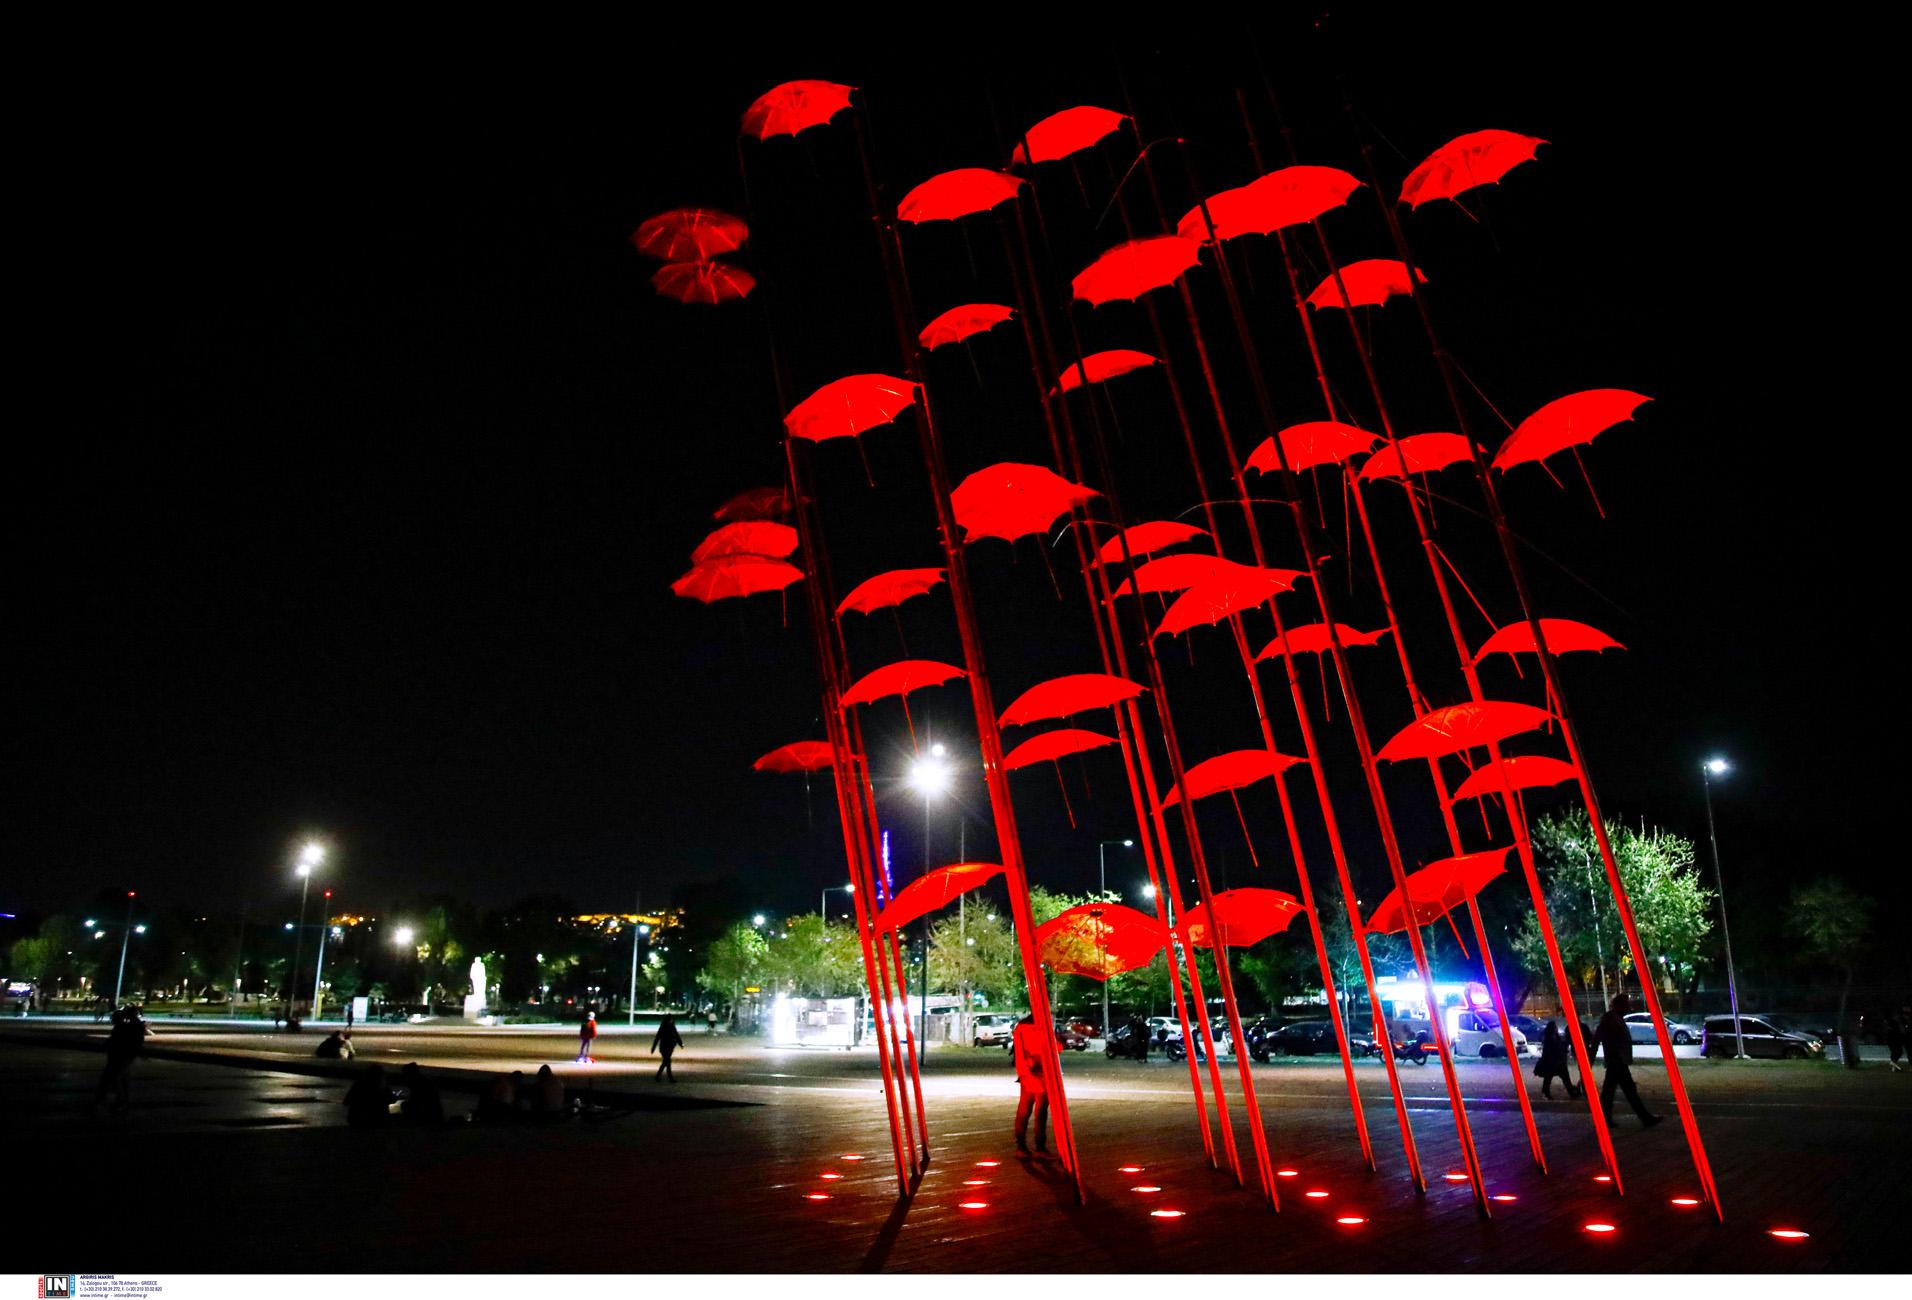 Θεσσαλονίκη: Στο κόκκινο της Μεγάλης Πέμπτης φωτίστηκαν οι «Ομπρέλες» στη Νέα Παραλία